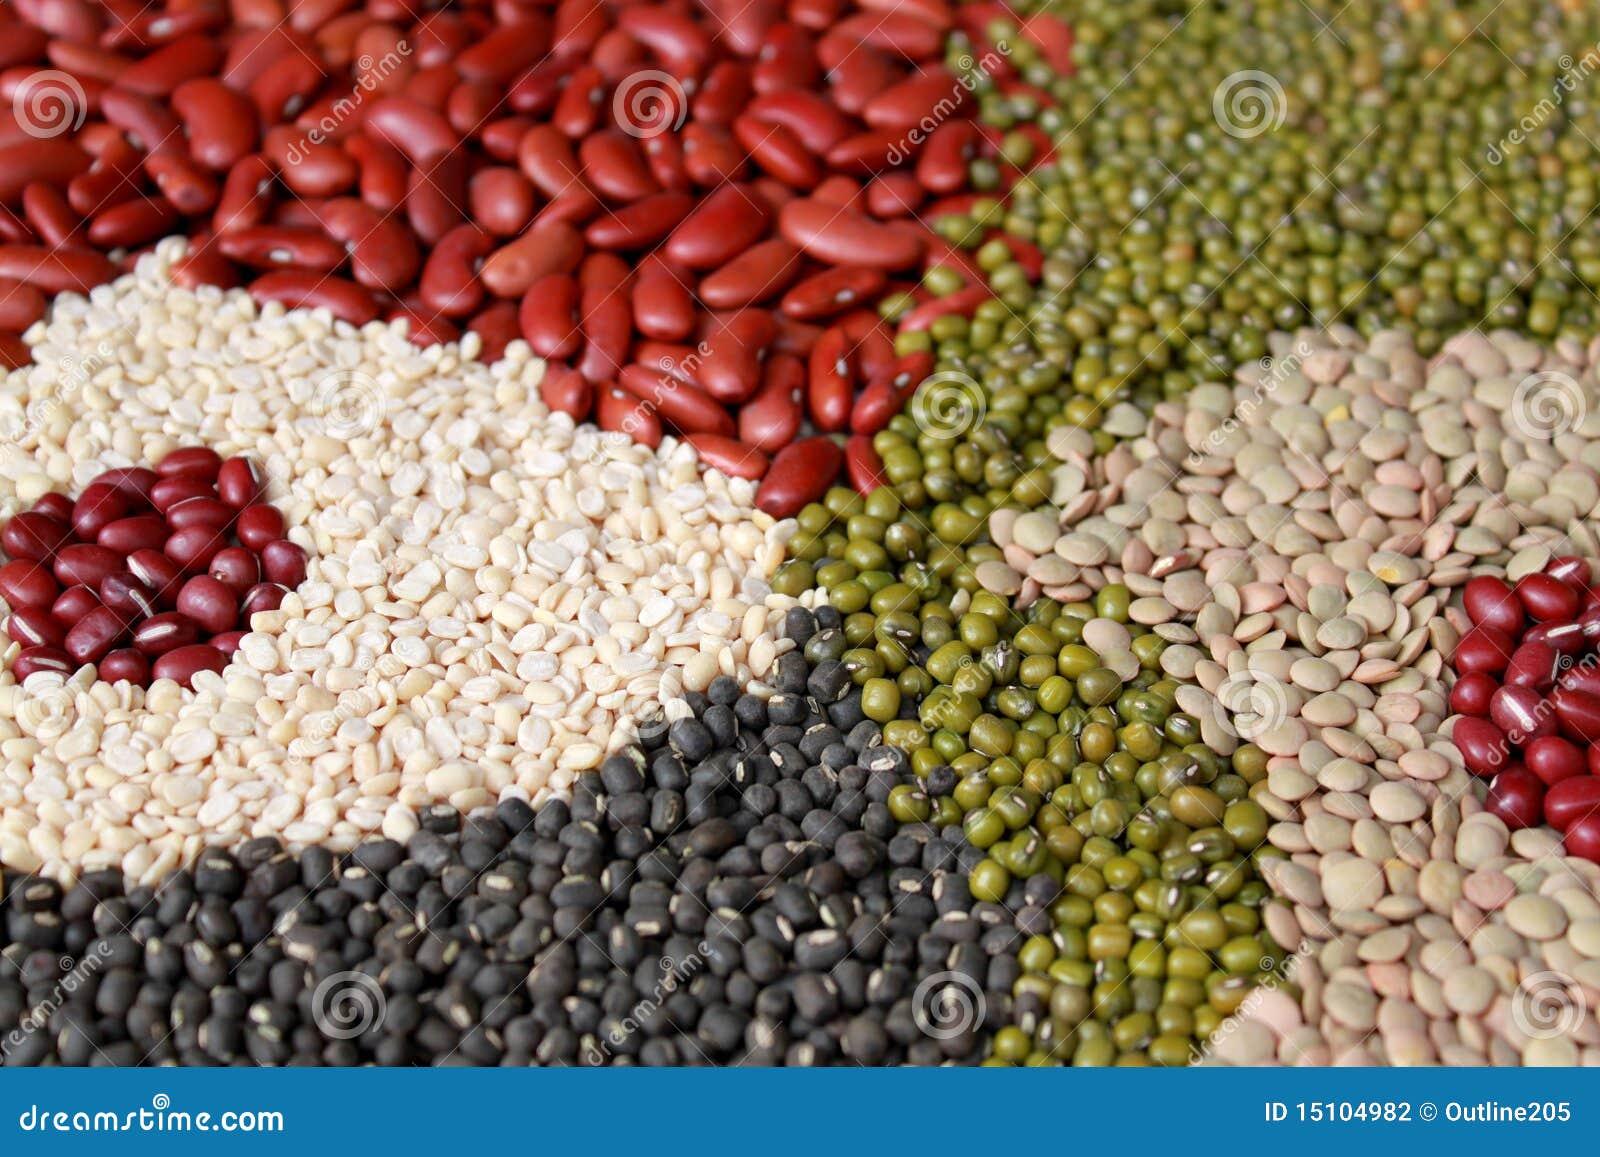 分类豆豆类